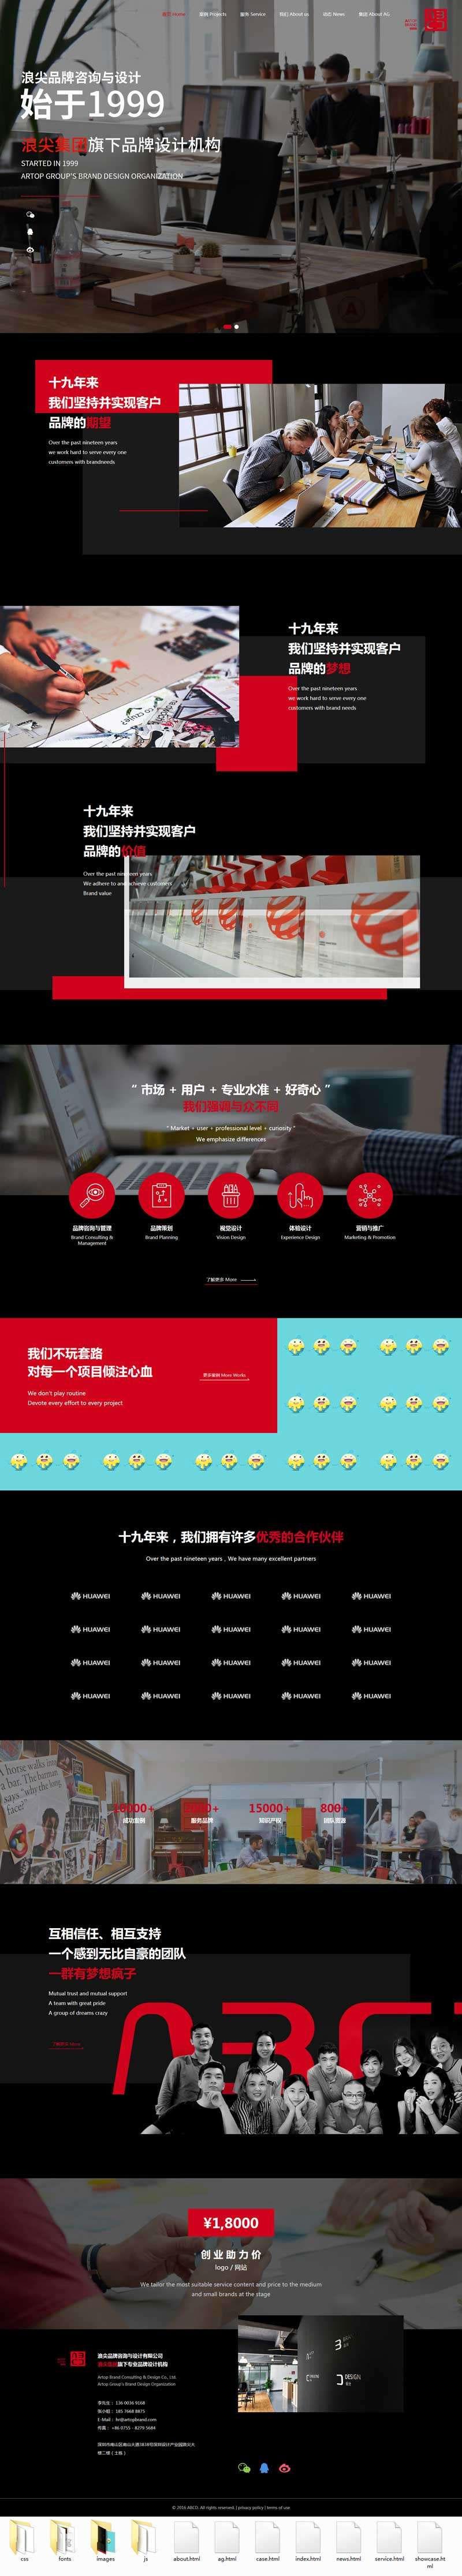 红黑色宽屏大气创意品牌策划ui视觉设计公司网站模板